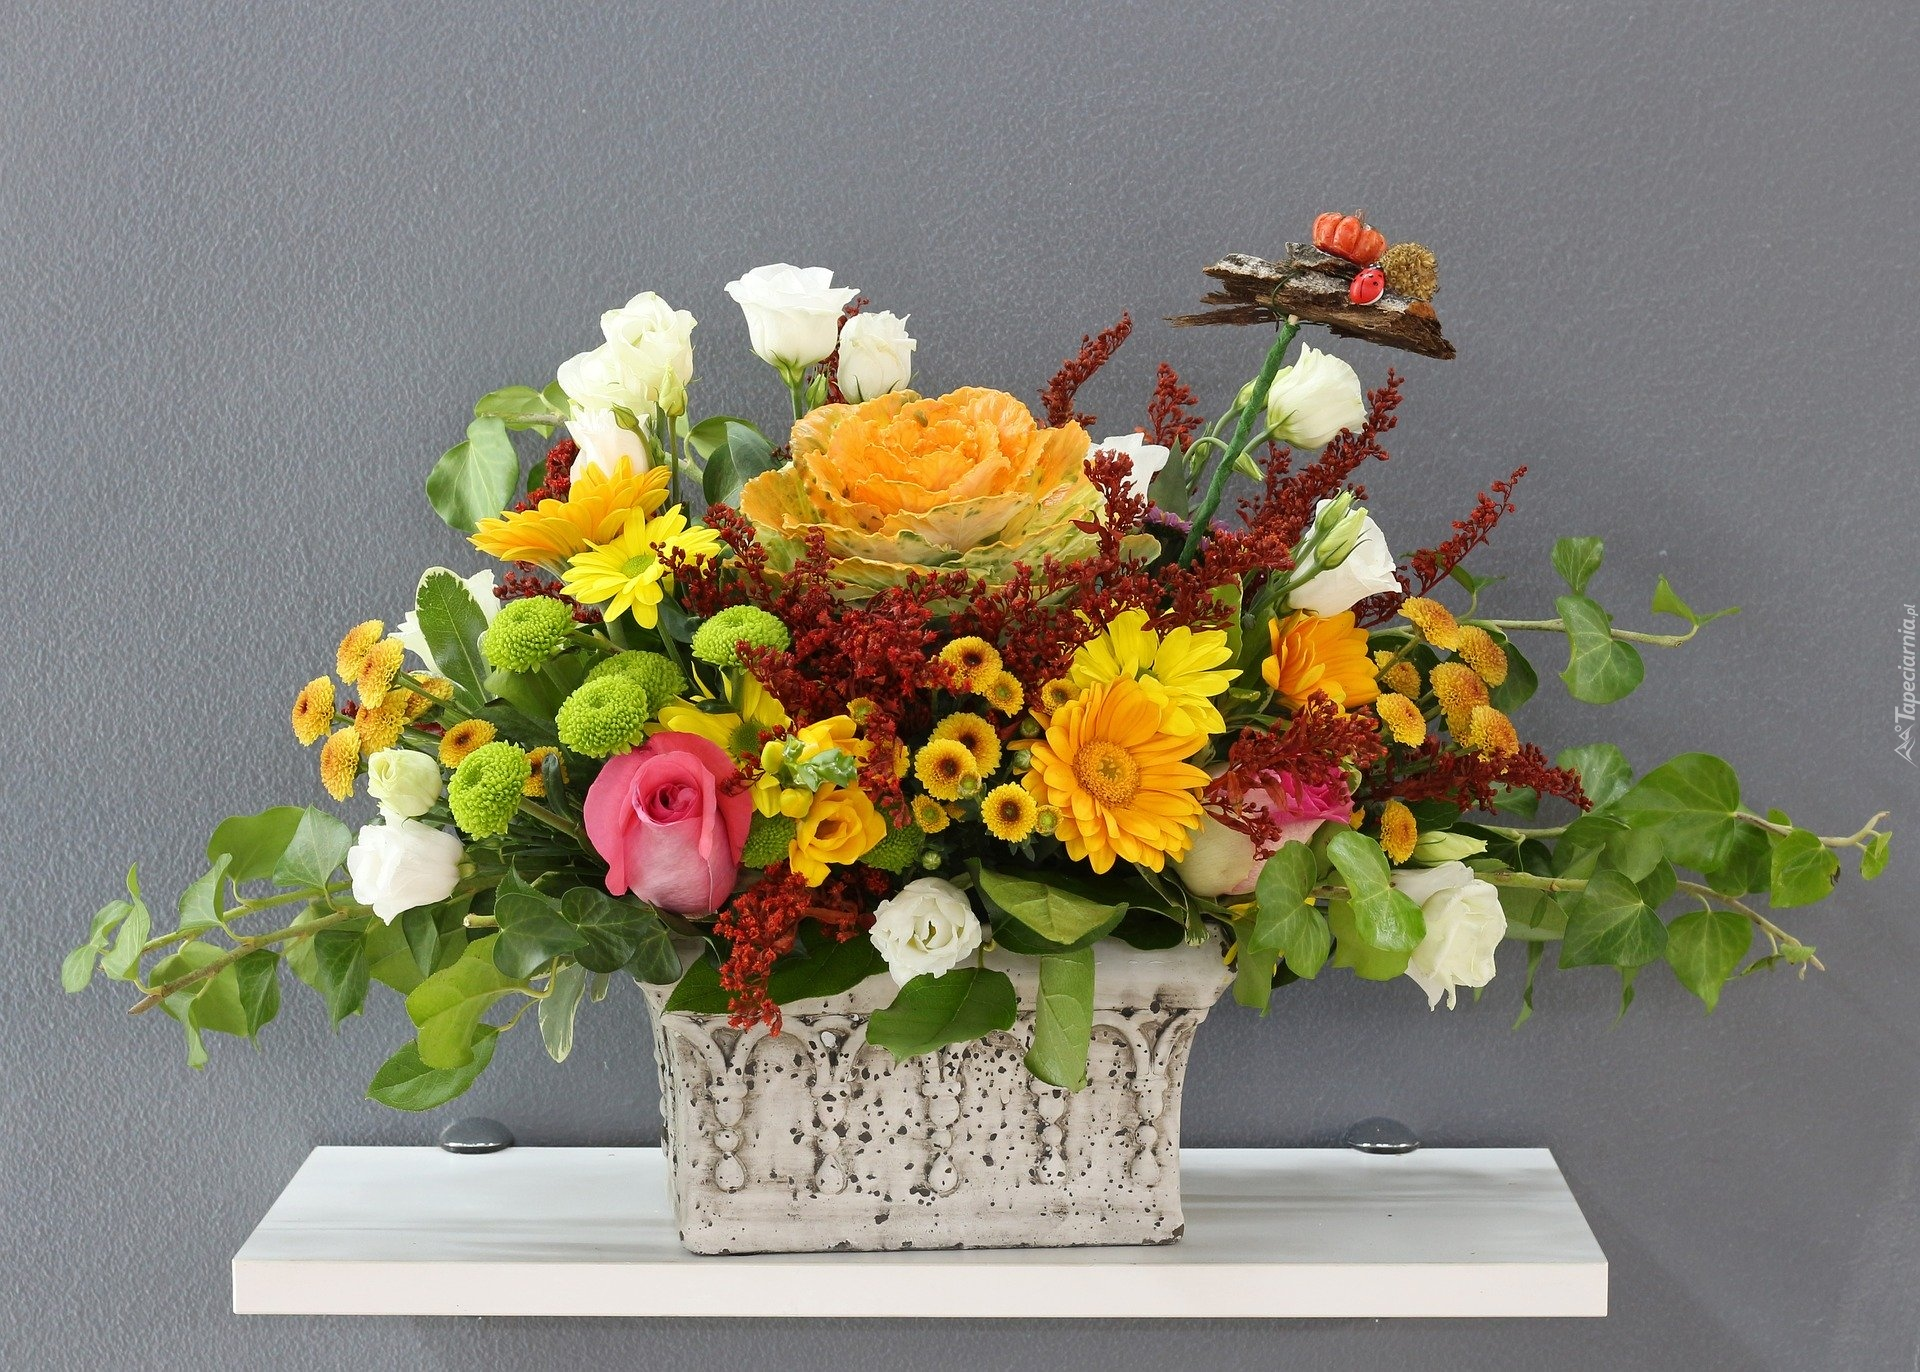 tapeta-bukiet-kwiatow-w-prostokatnym-wazonie.jpg